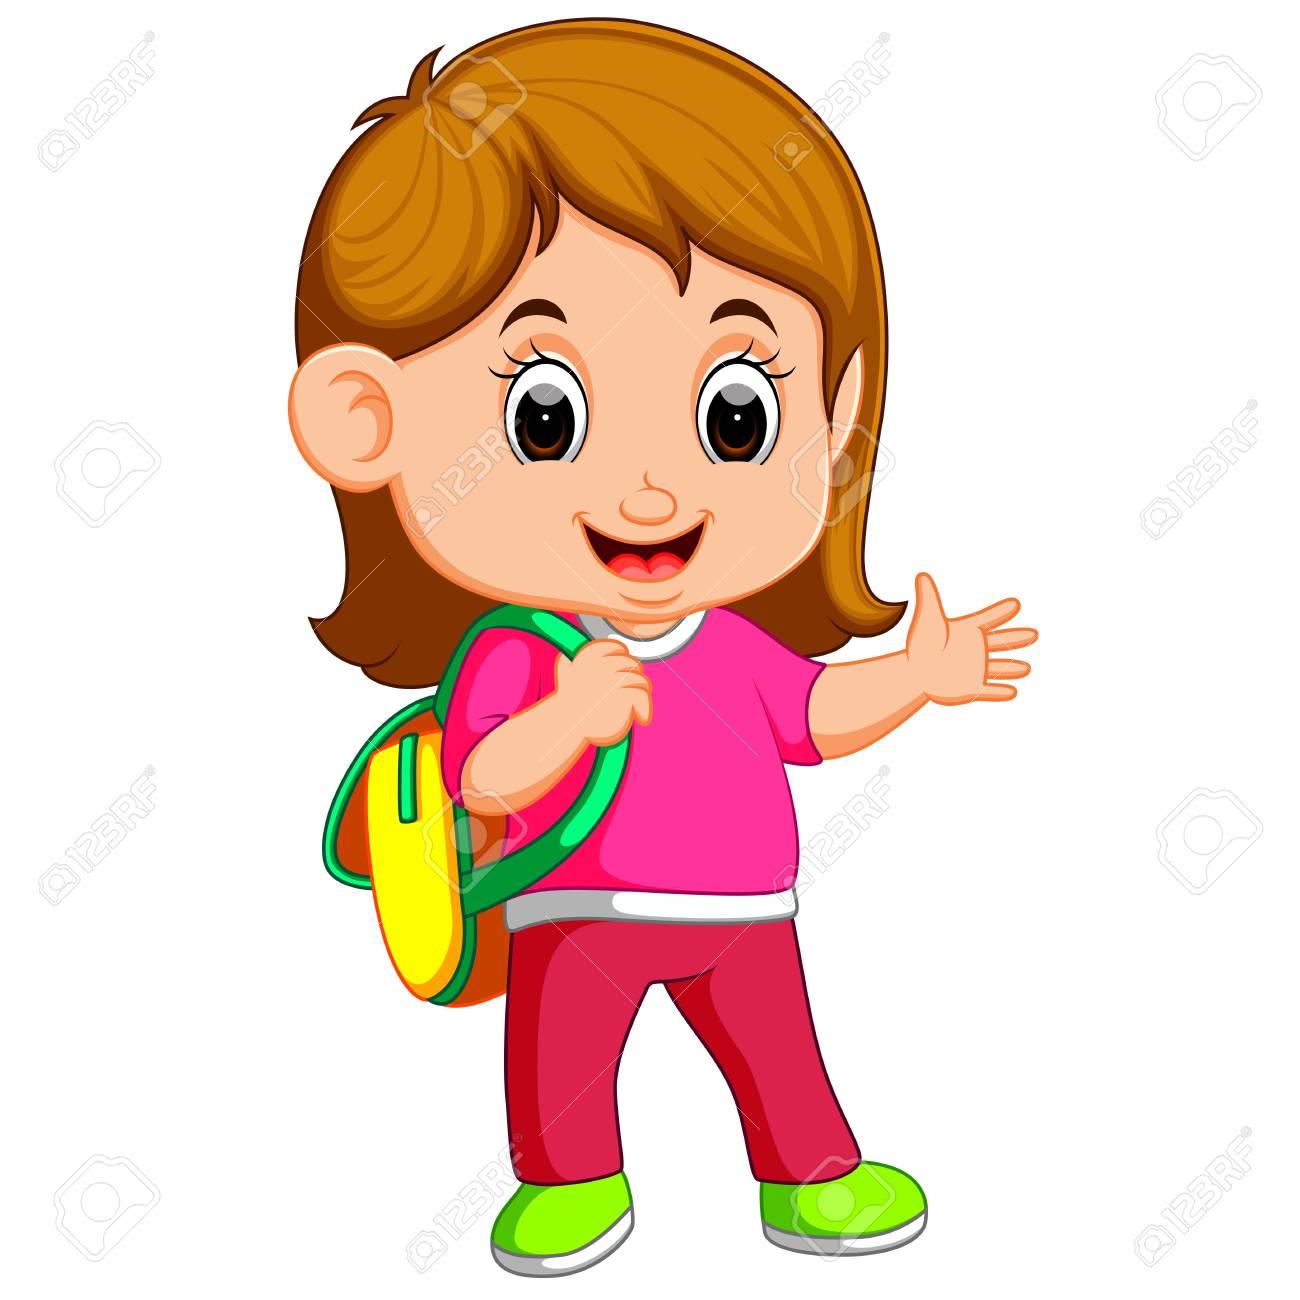 School girl cartoon walking.